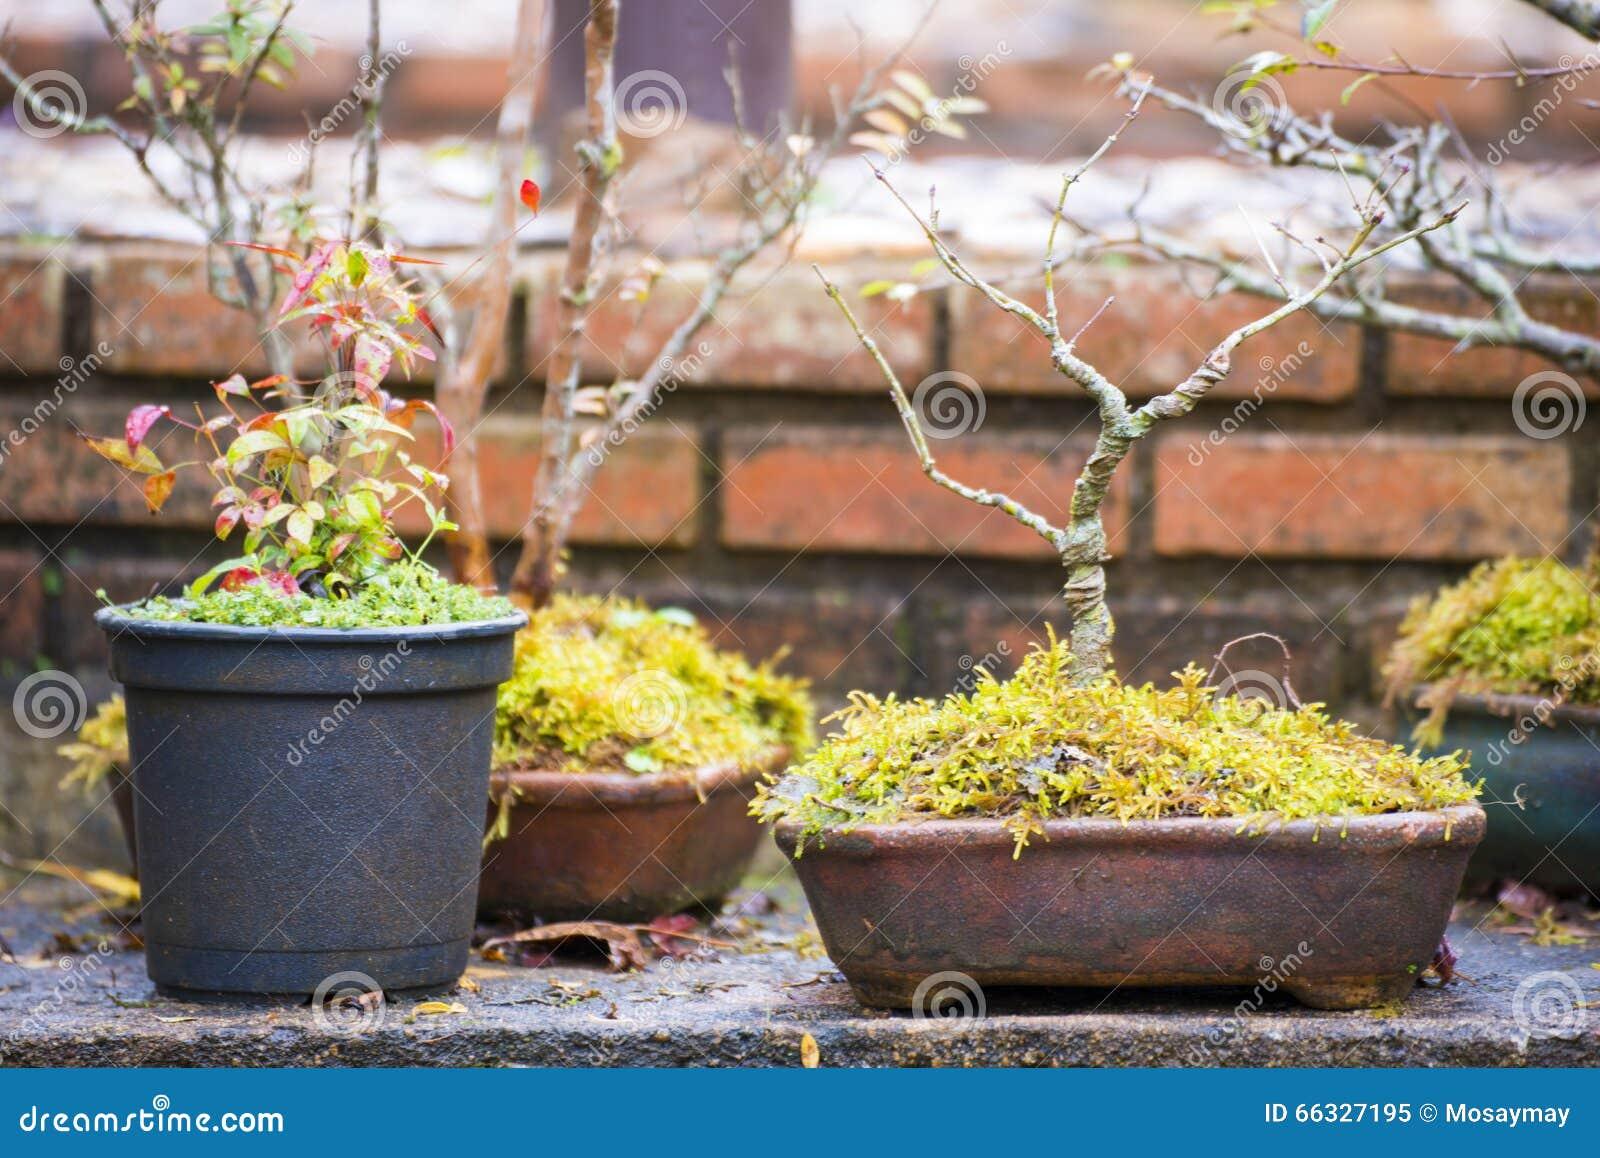 Decorazione Vasi Da Giardino : I bonsai piantano in un vaso da fiori per la decorazione del